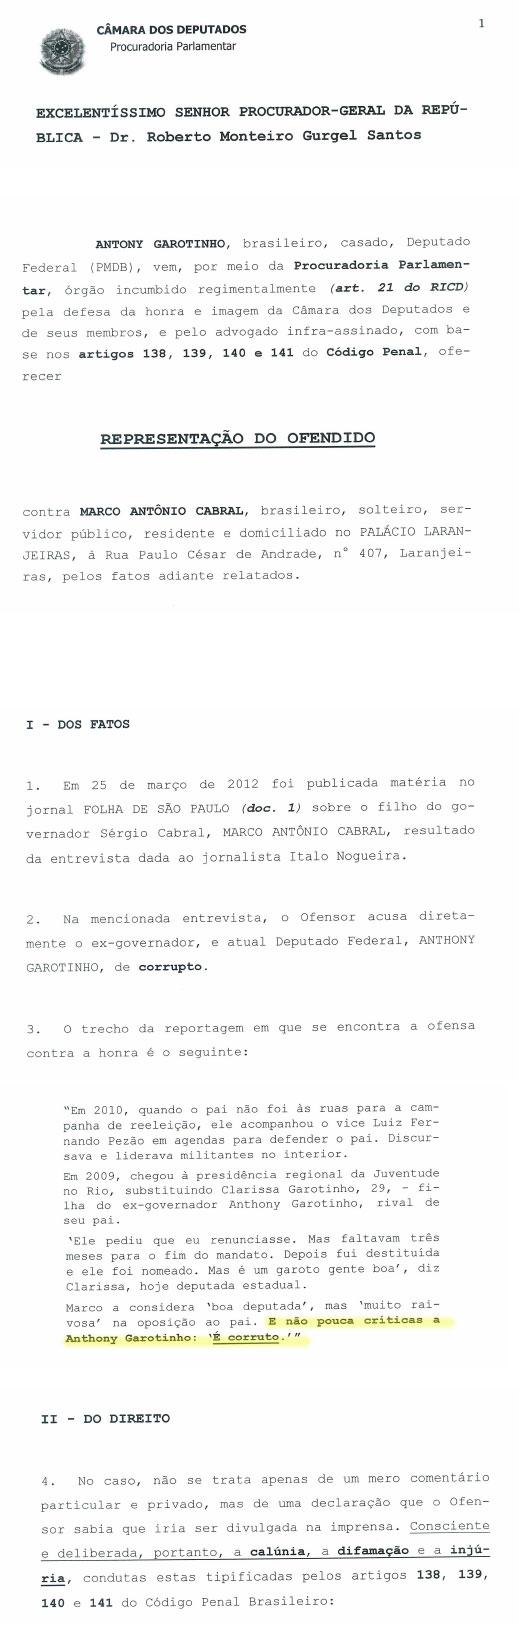 Reprodução de documento oficial